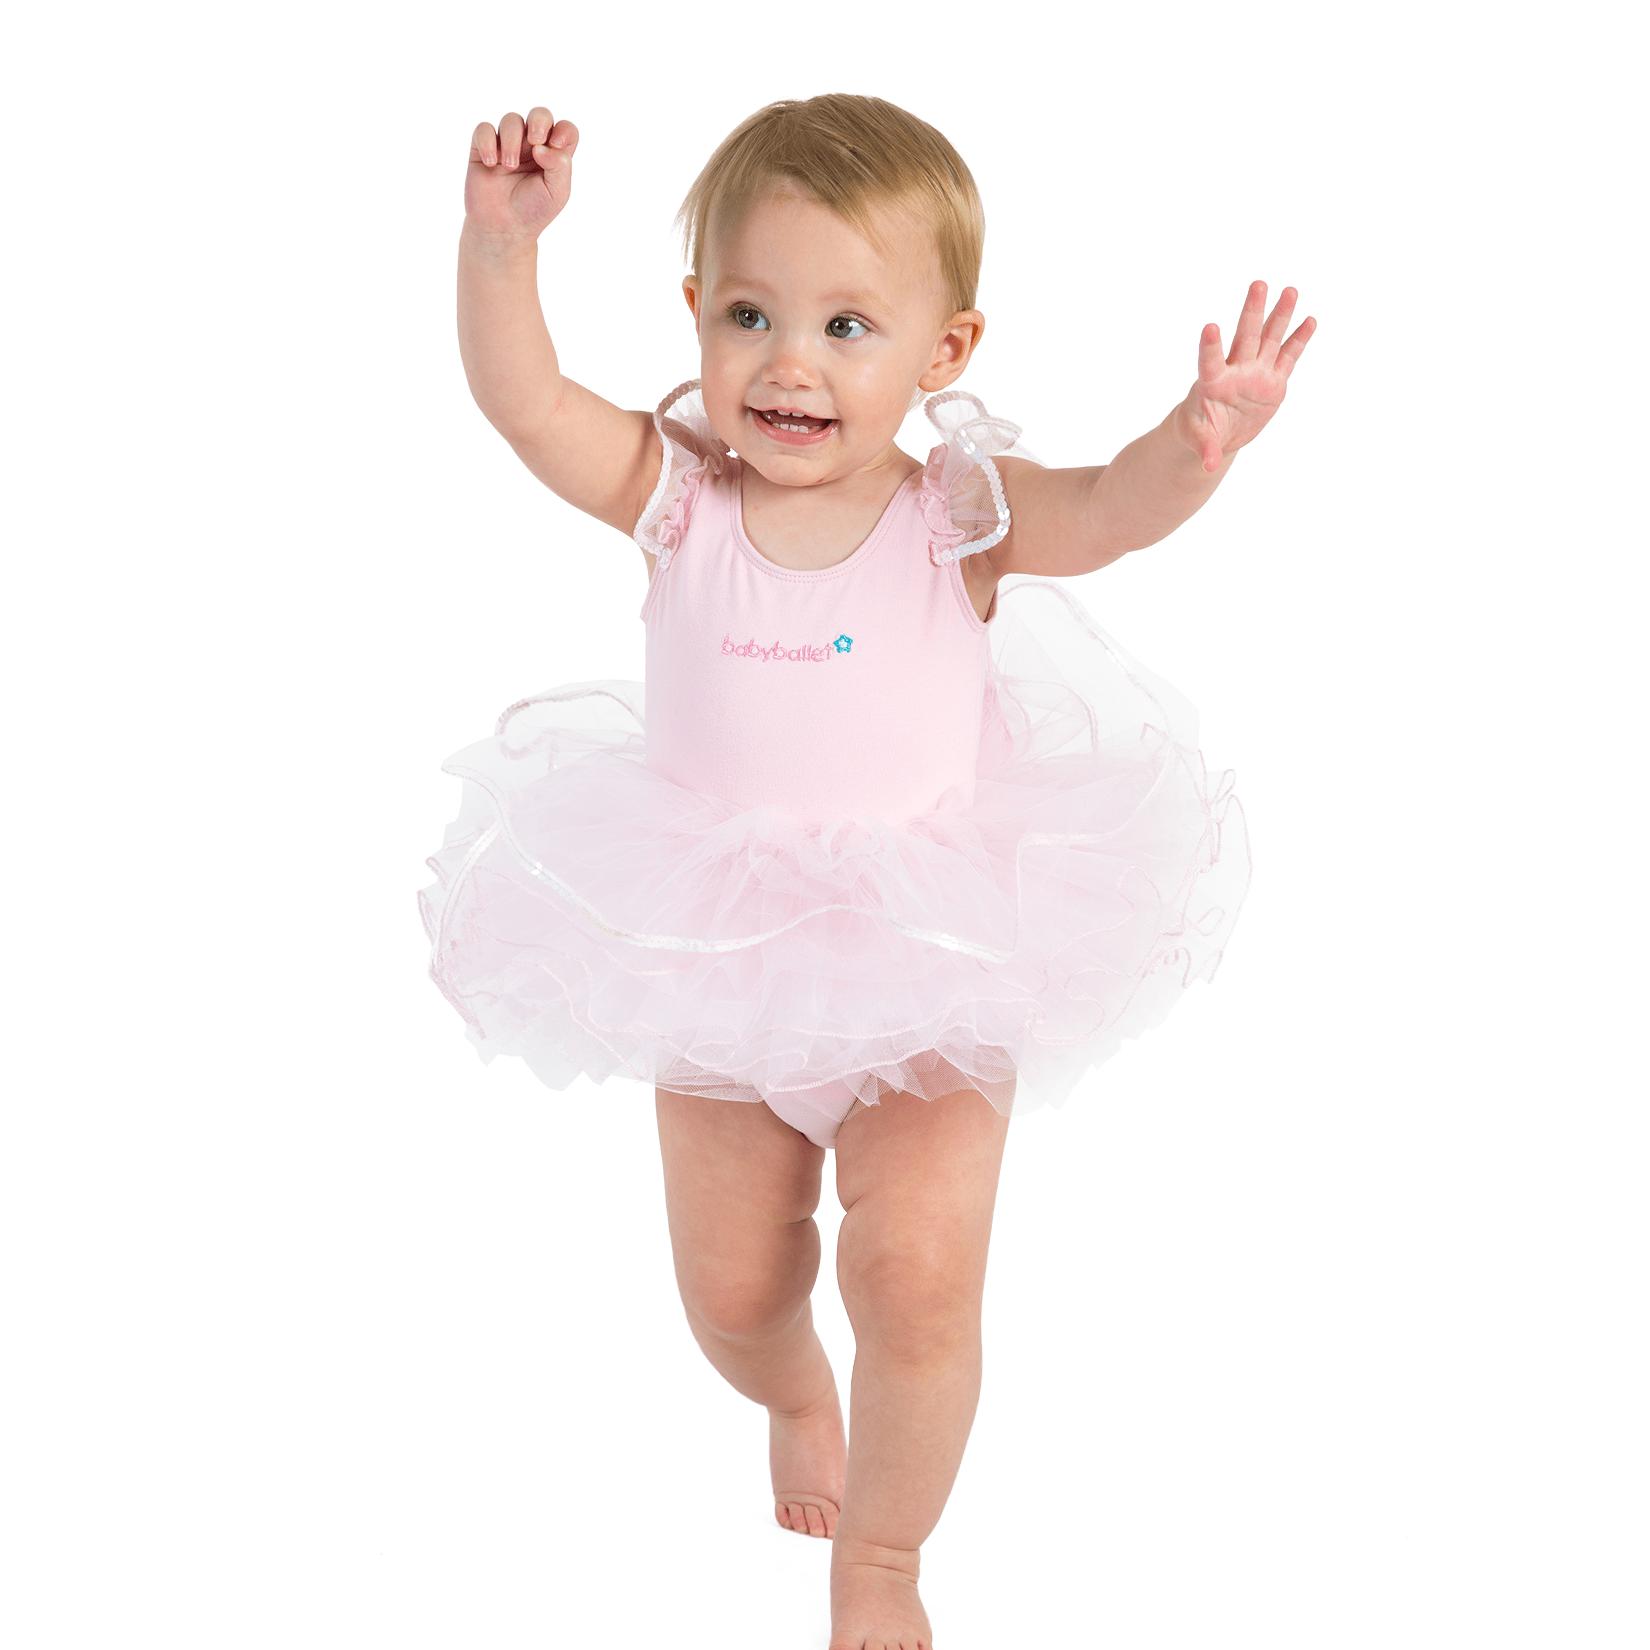 e313874f01b1 flutterstar tutu baby ballet Black Friday special offer on best selling  Flutterstar tutu. Super discount